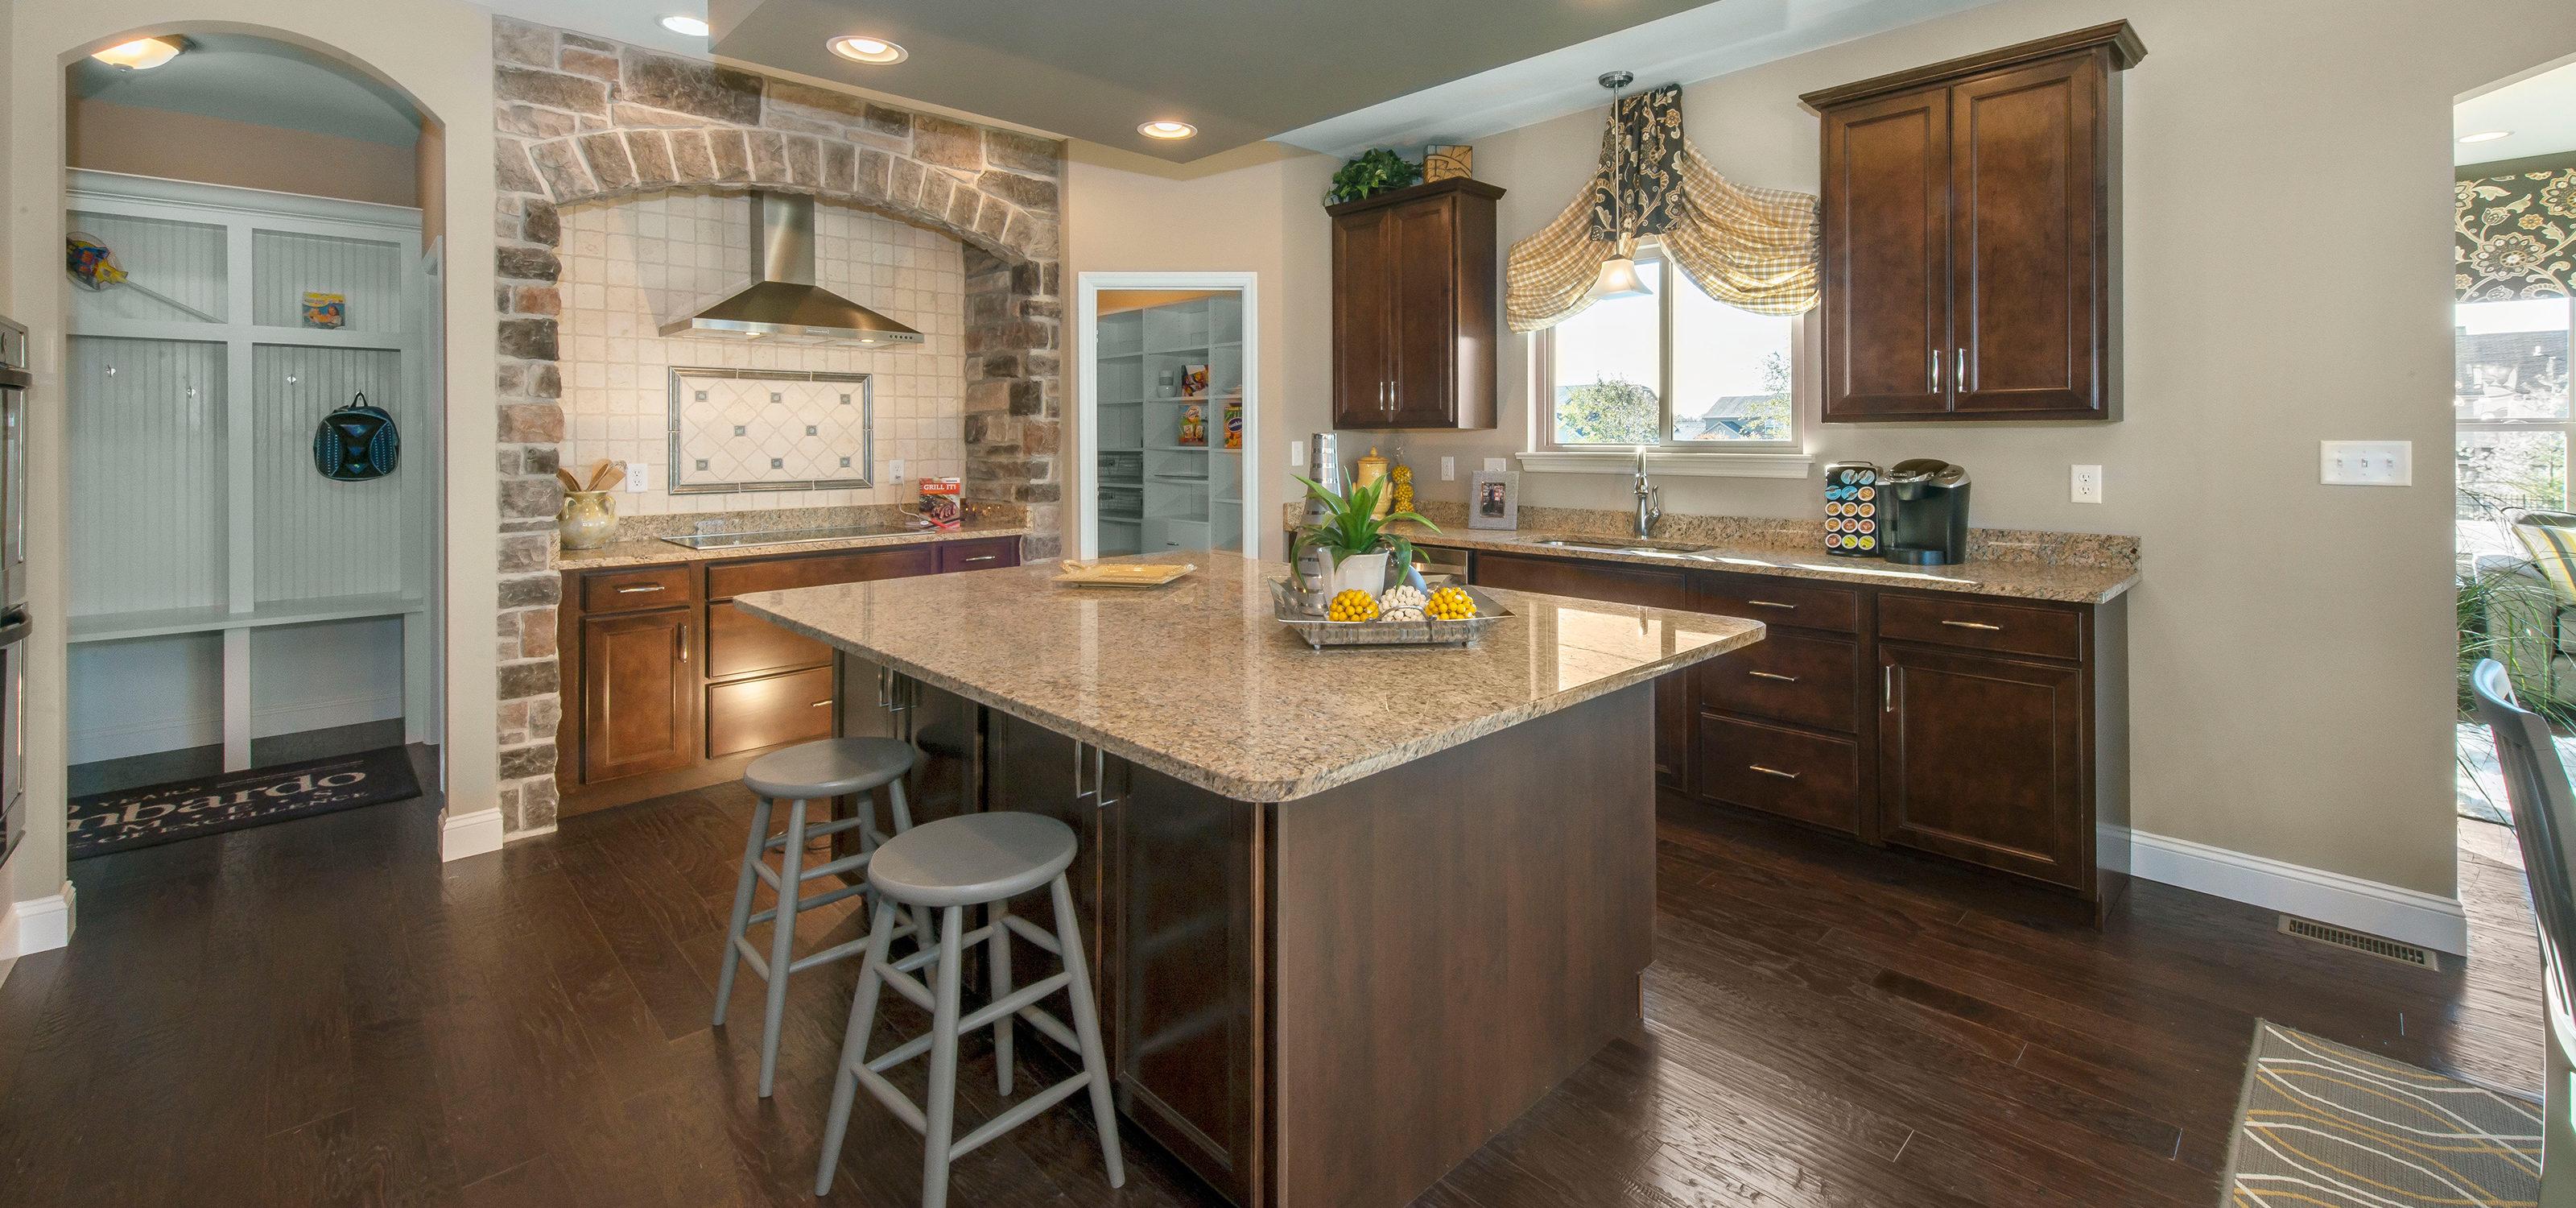 oakhurst-kitchen-large